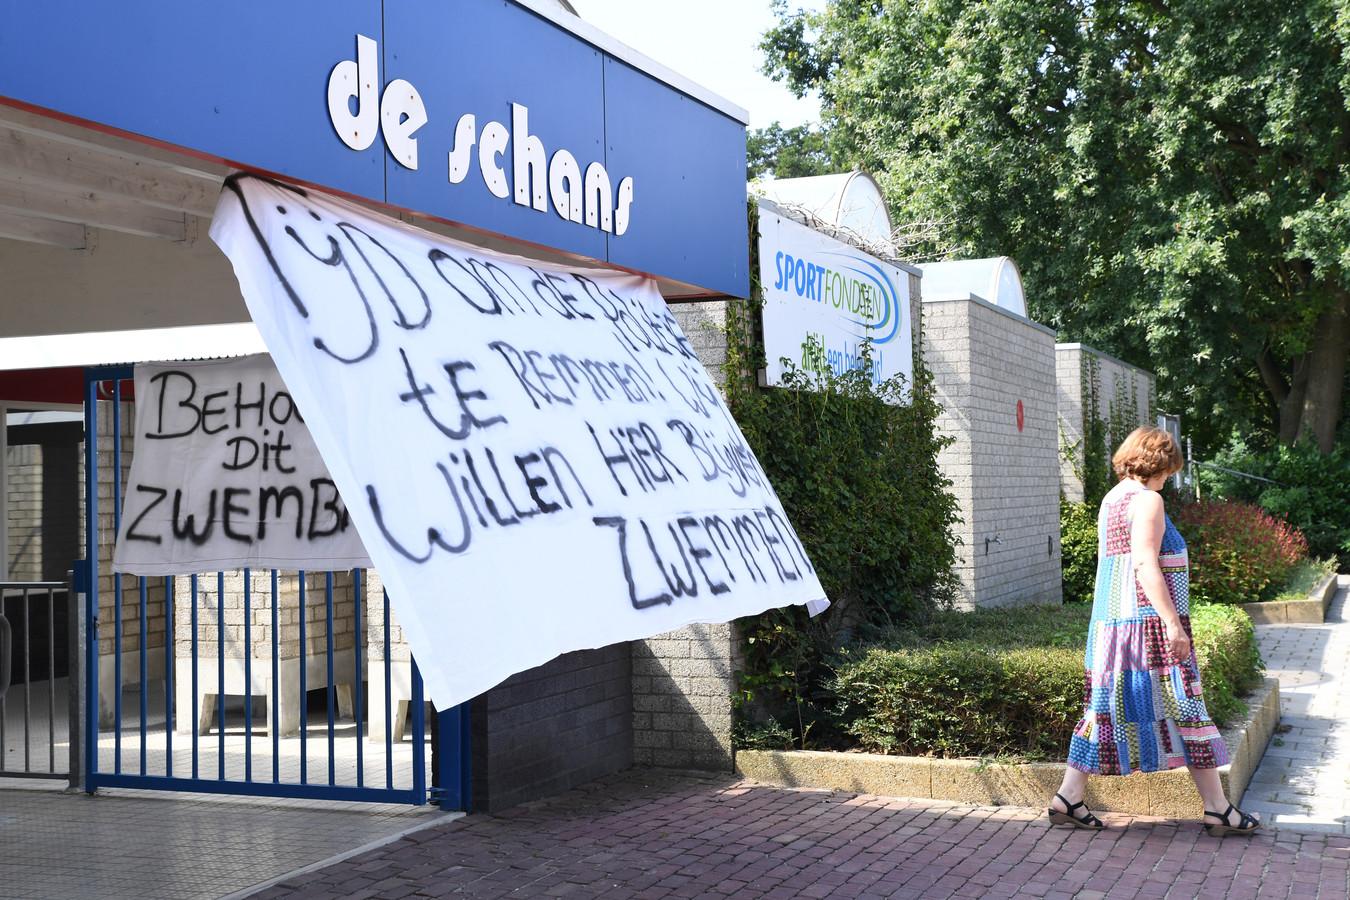 GEERTRUIDENBERG Bij zwembad de Schans in Geertruidenberg zijn alvast protestspandoeken opgehangen